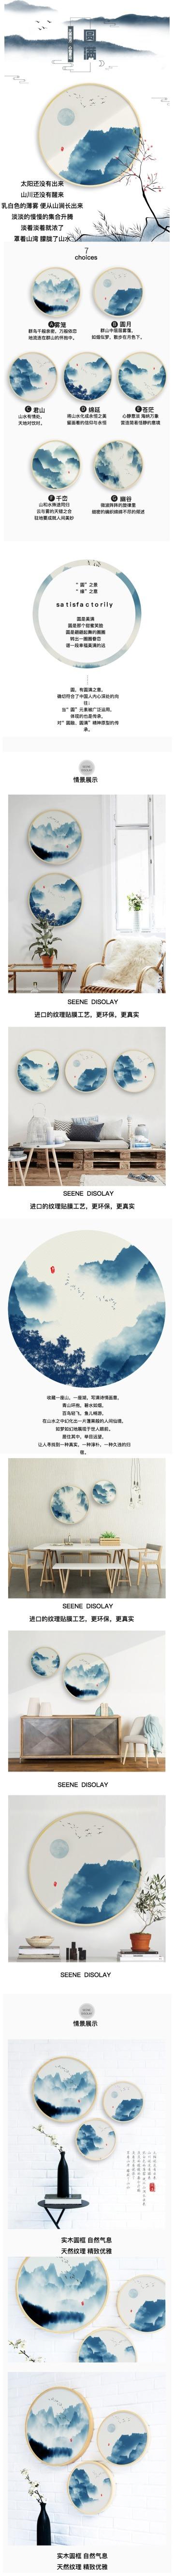 中国风复古风装饰画艺术品电商详情图